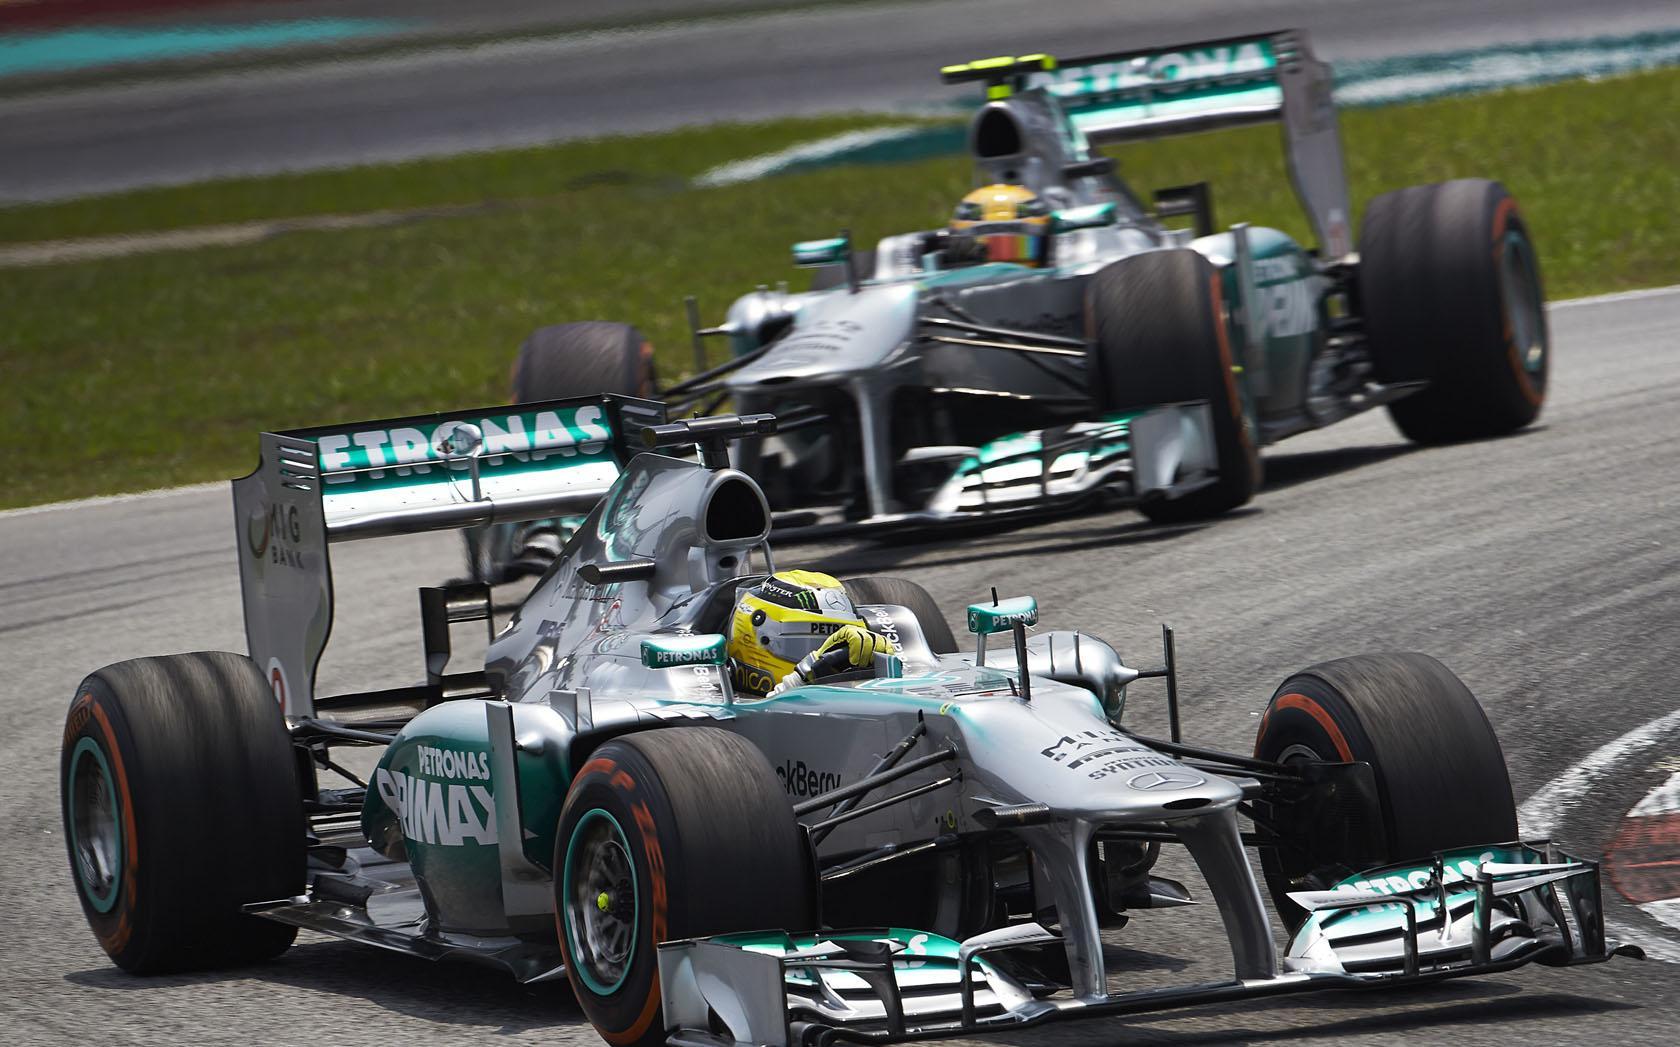 Berger: Vettel helyesen cselekedett, Rosberg helyében pedig nem értettem volna az üzenetet